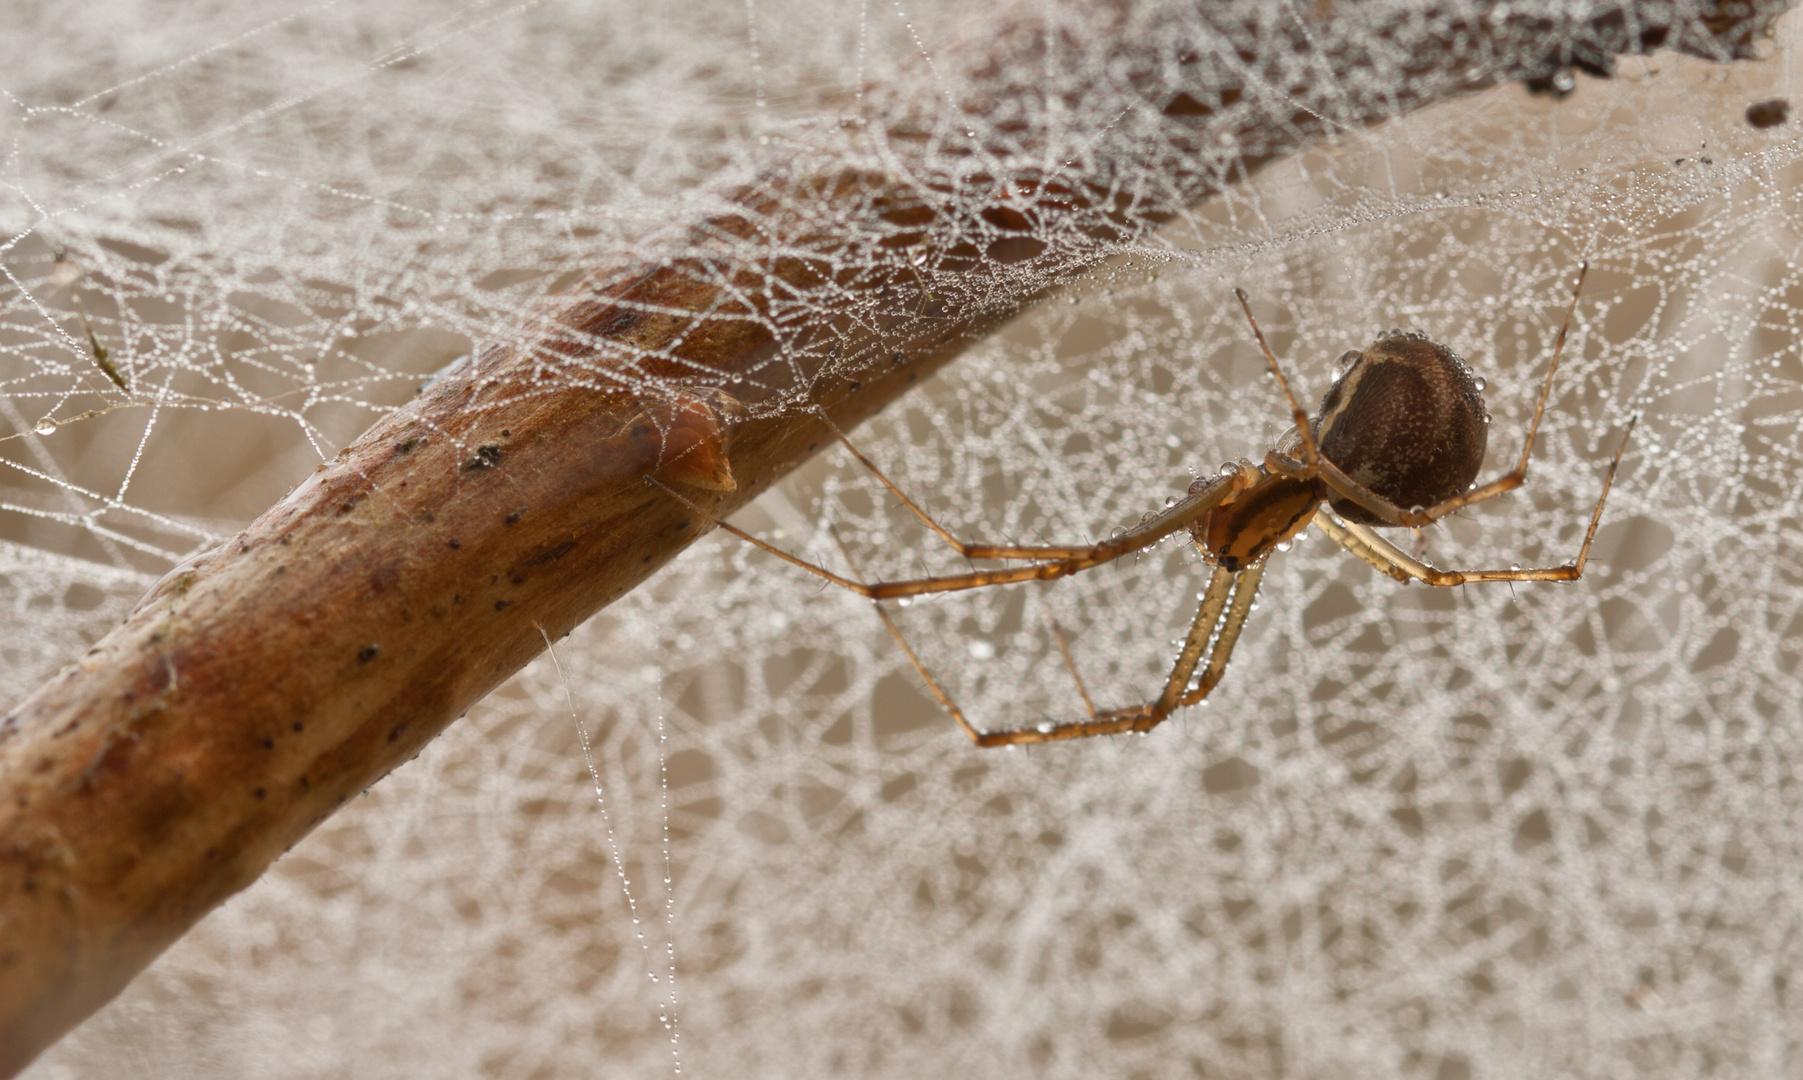 Spinne heute Morgen......